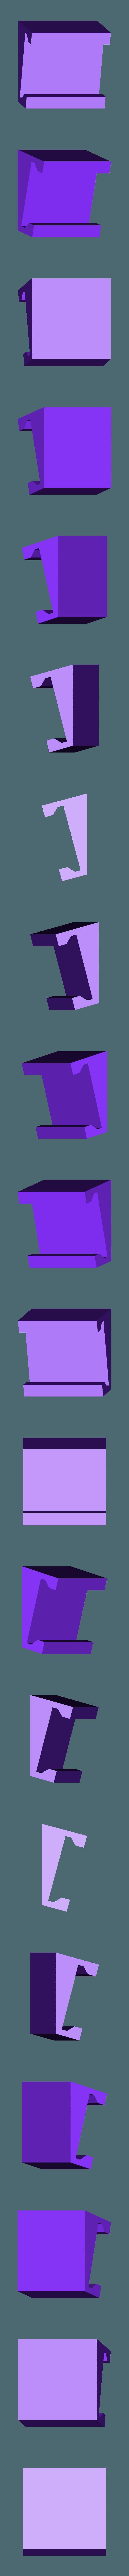 led_mount_15.stl Télécharger fichier STL gratuit Bande de leds inclinée à 15°- Redimensionnée • Objet pour imprimante 3D, Gophy